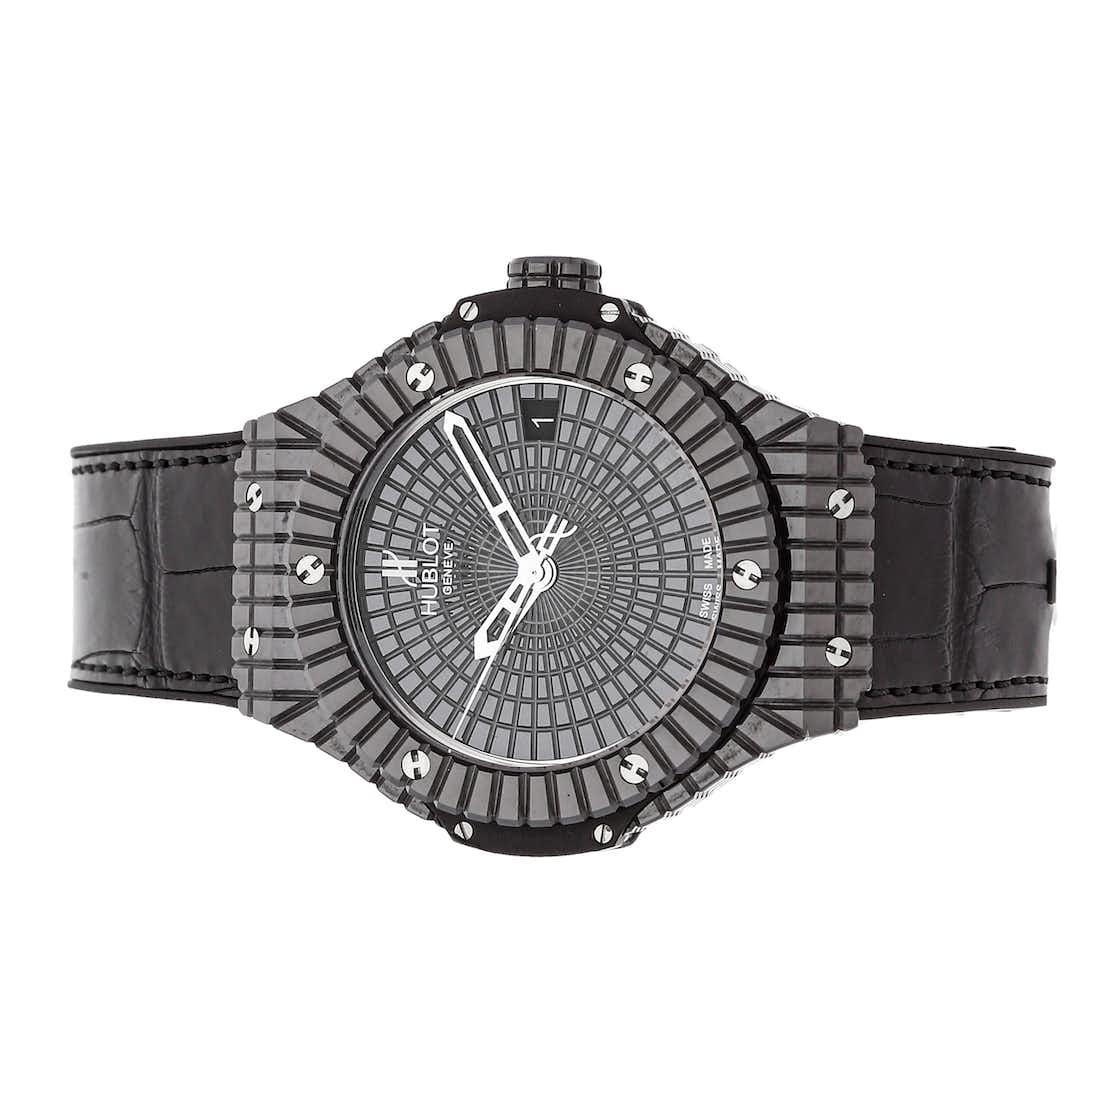 Hublot Big Bang Black Caviar 346.CX.1800.RX